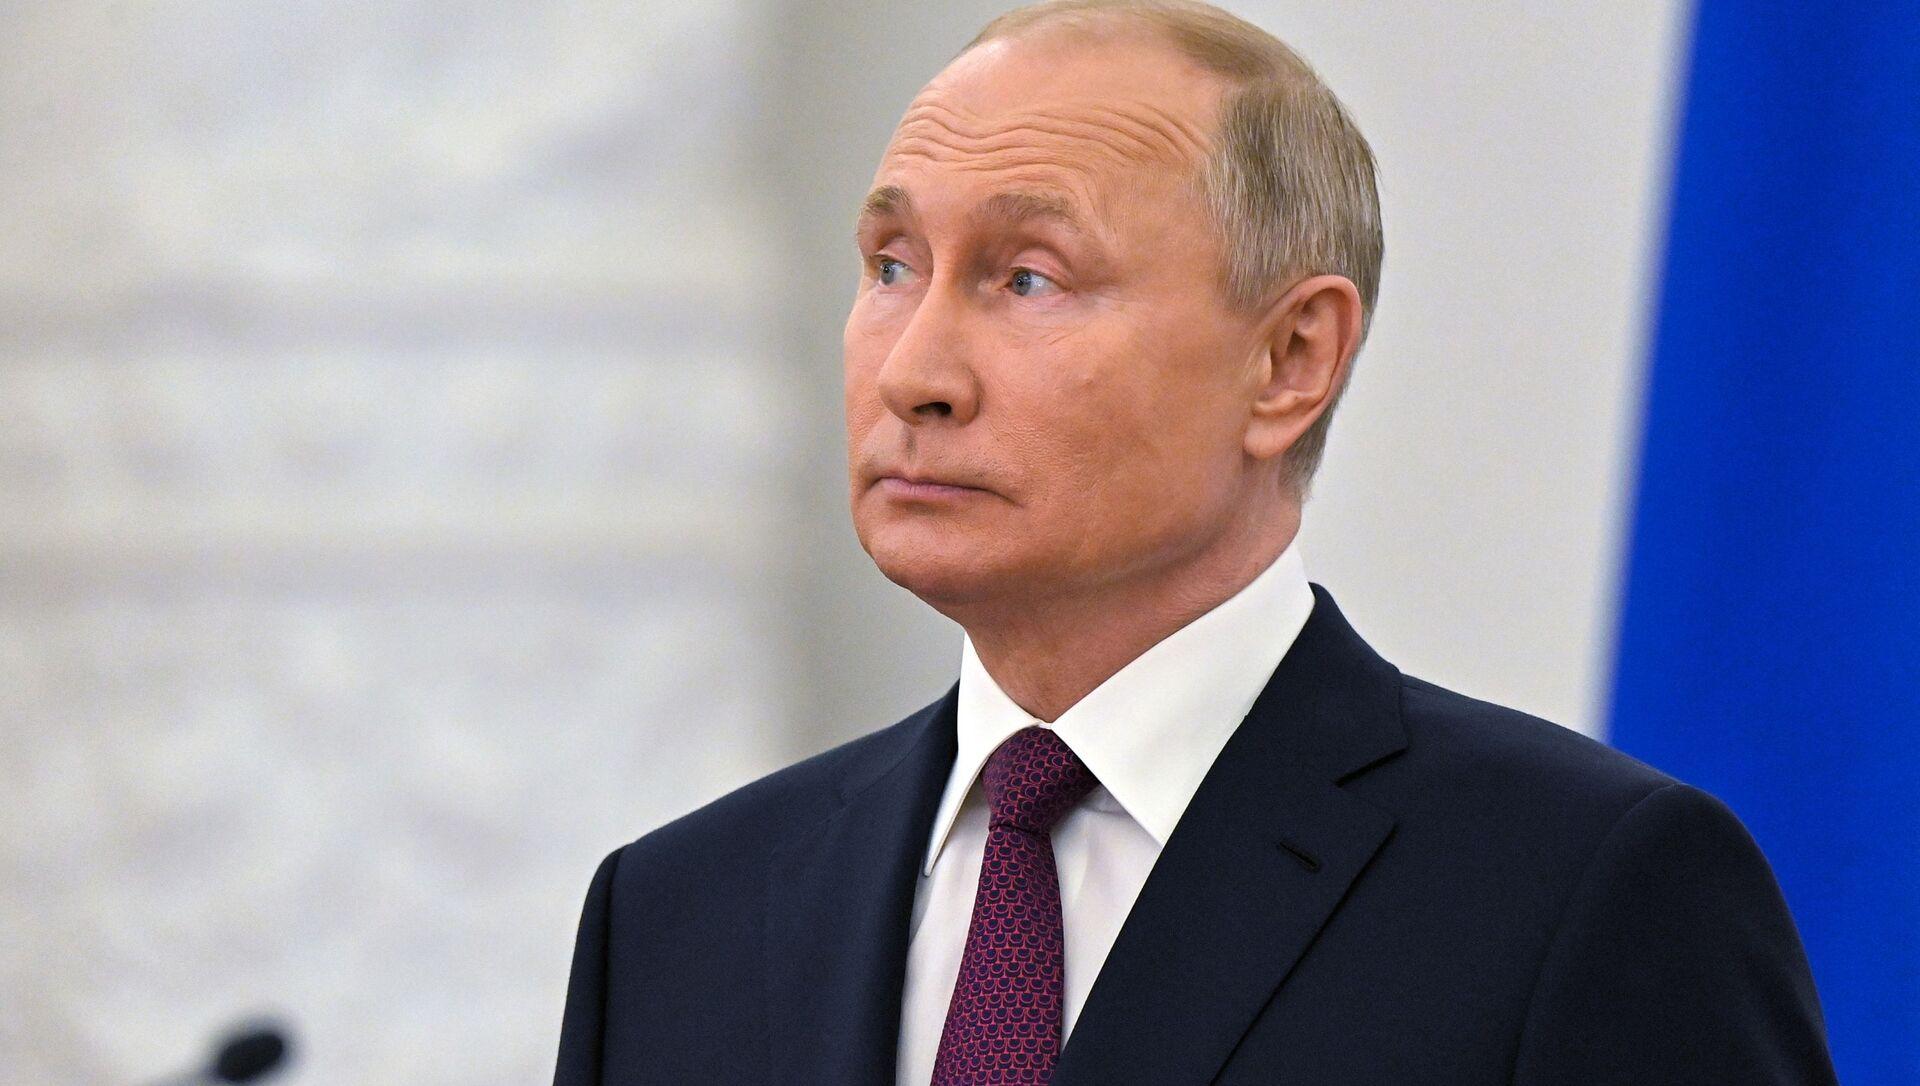 プーチン大統領 - Sputnik 日本, 1920, 16.09.2021